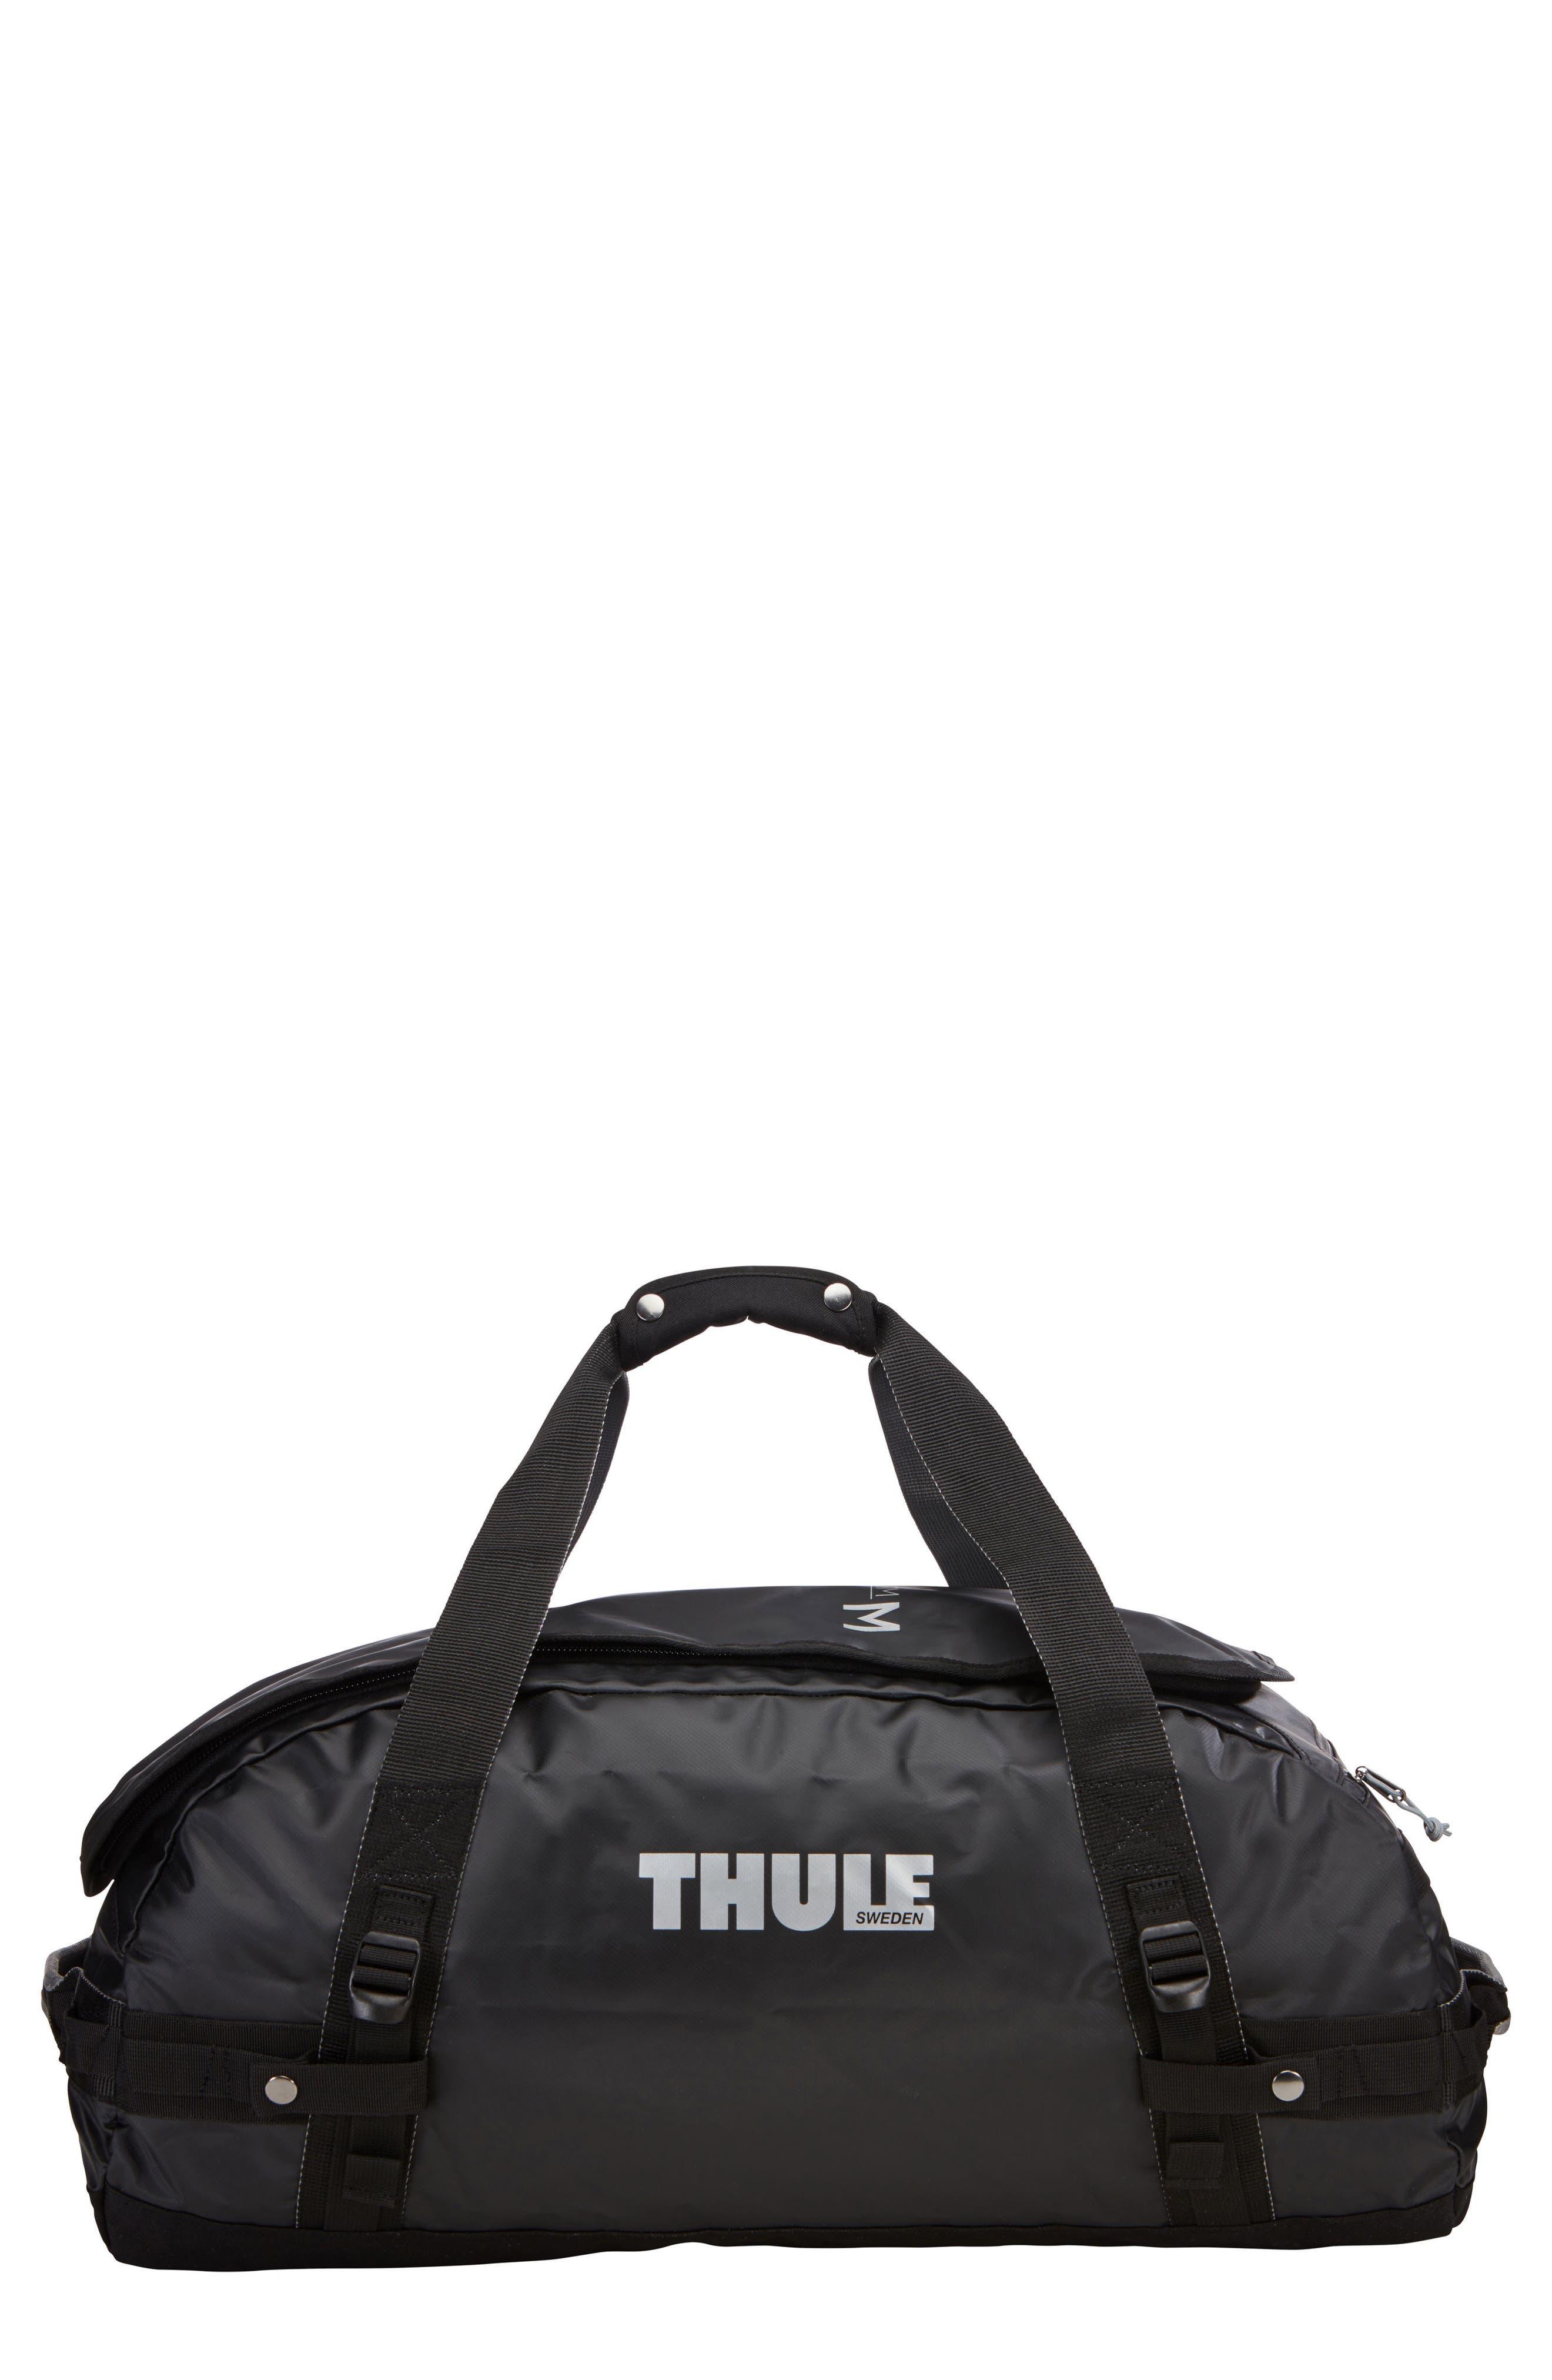 Thule Chasm 70-Liter Convertible Duffel Bag